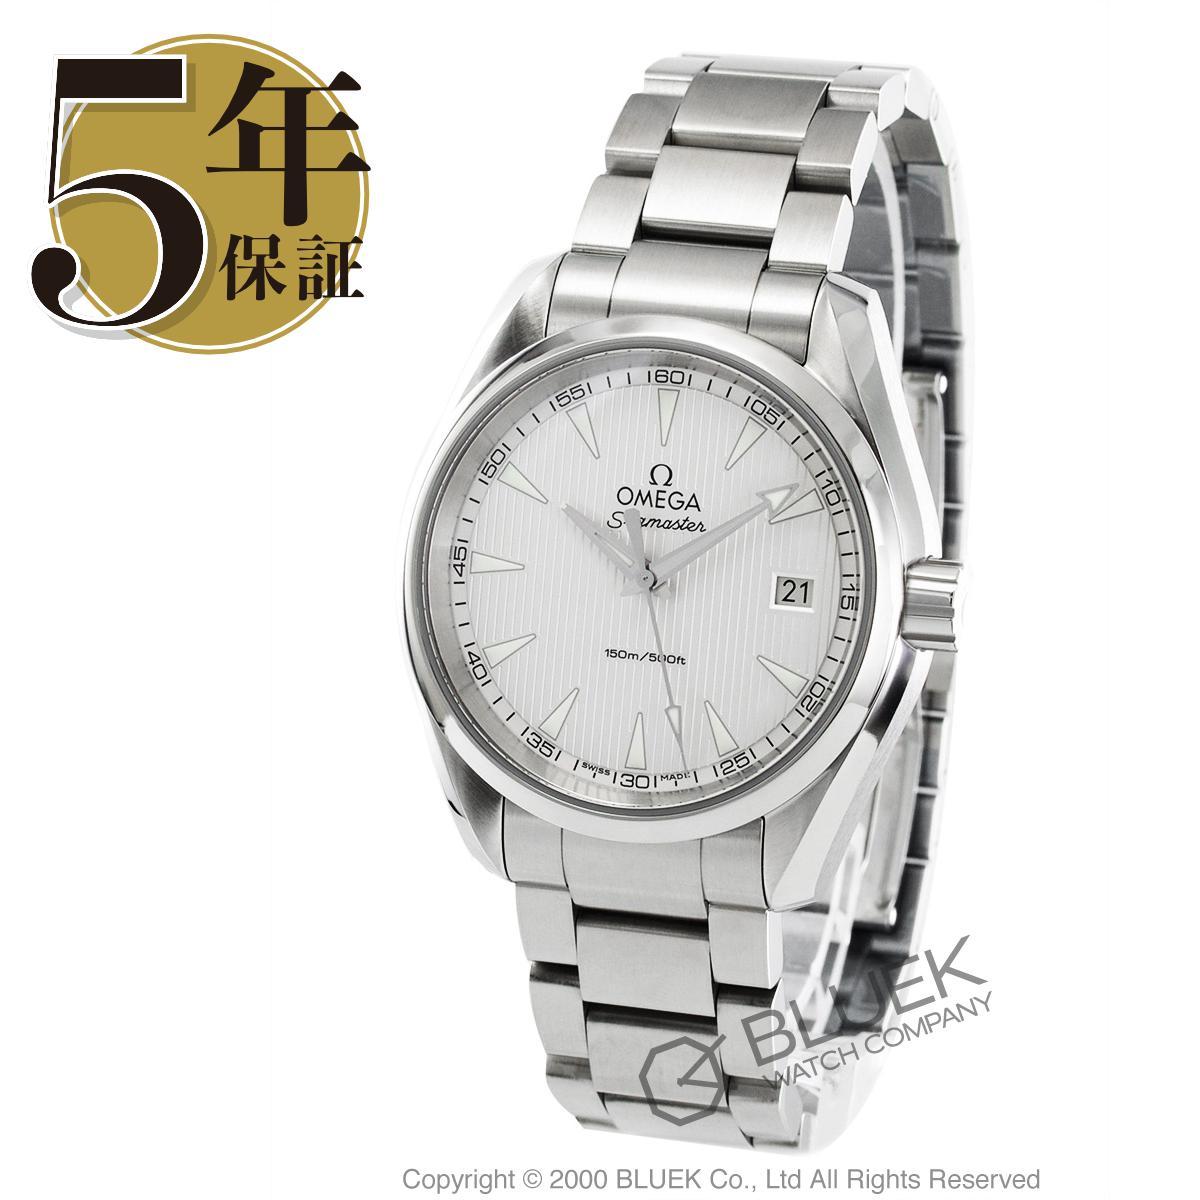 オメガ OMEGA 腕時計 シーマスター アクアテラ メンズ 231.10.39.60.02.001_8